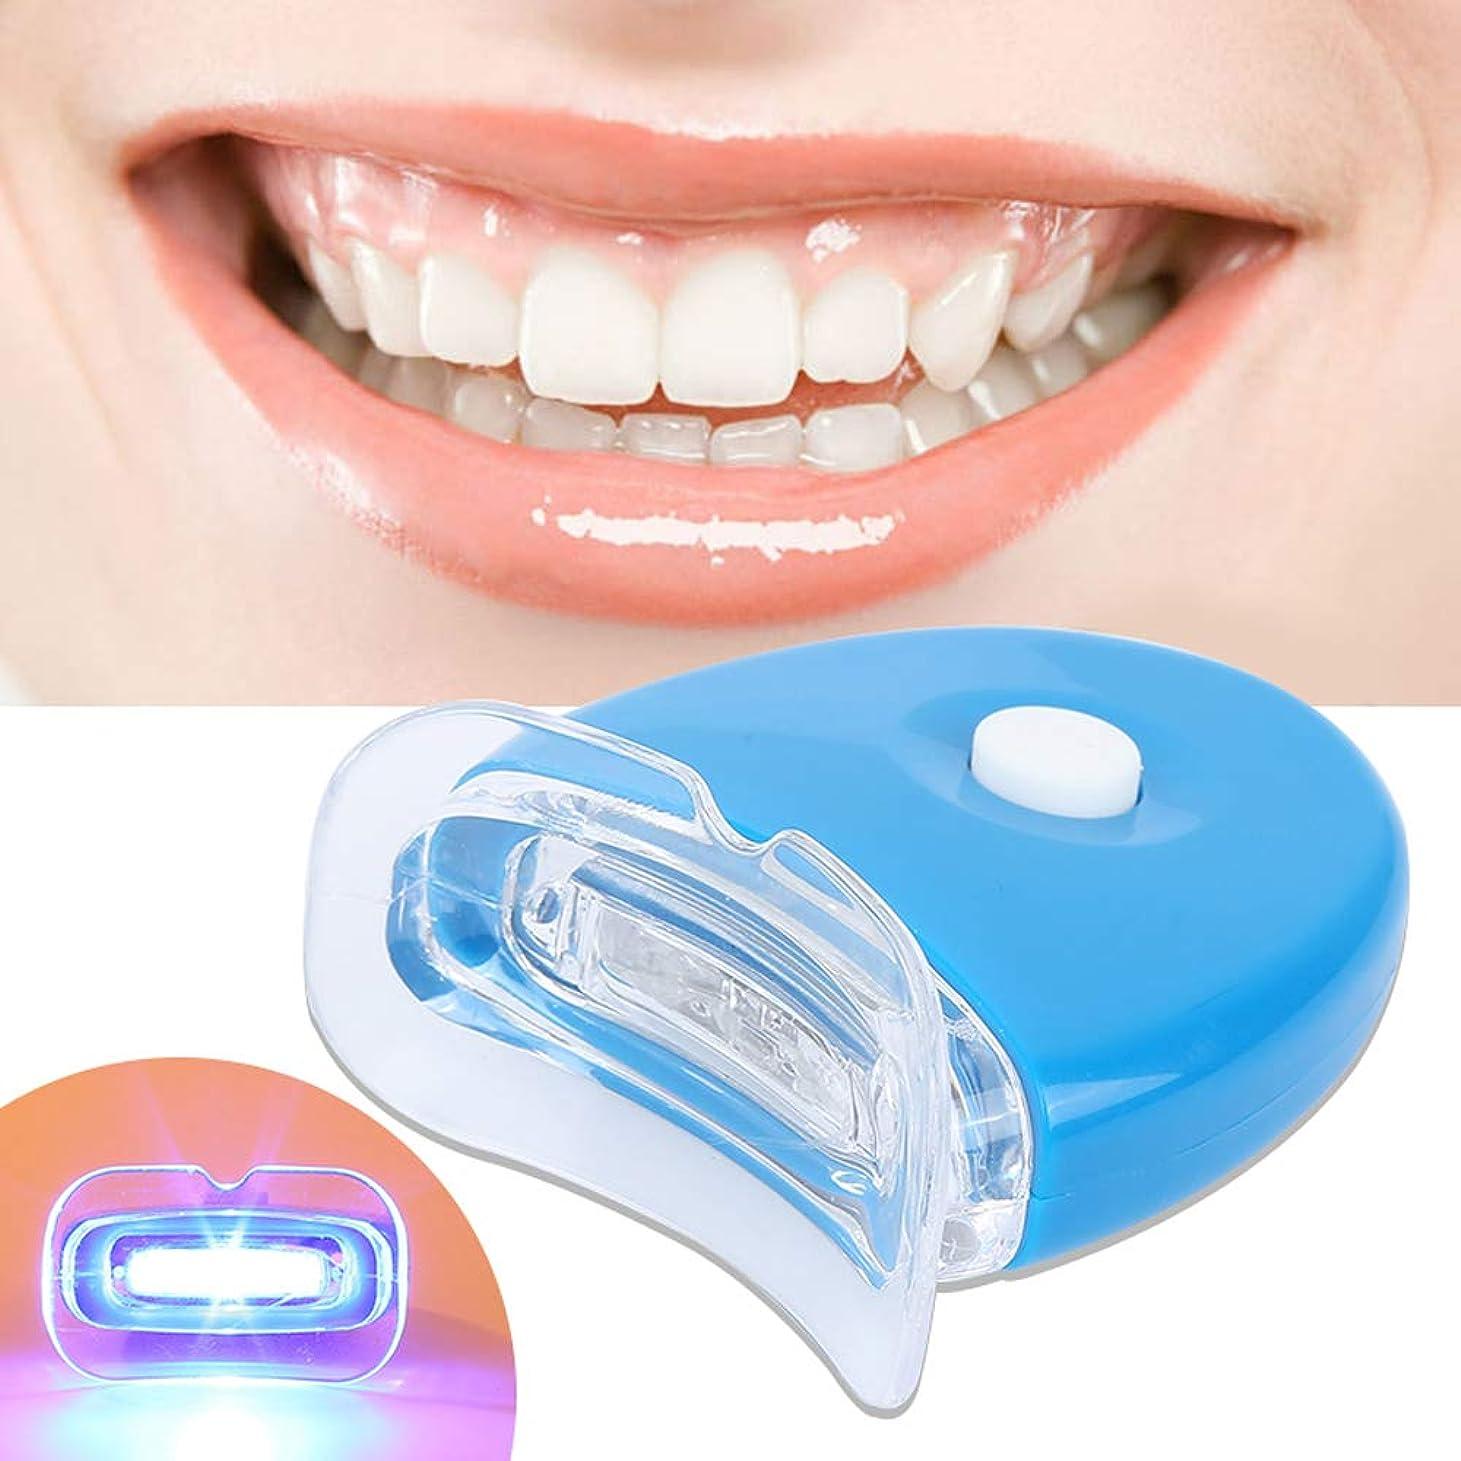 チャーター盲信ラベル電気歯石は導かれた軽い取り外しのコーヒー汚れと白くなる歯を取除きます